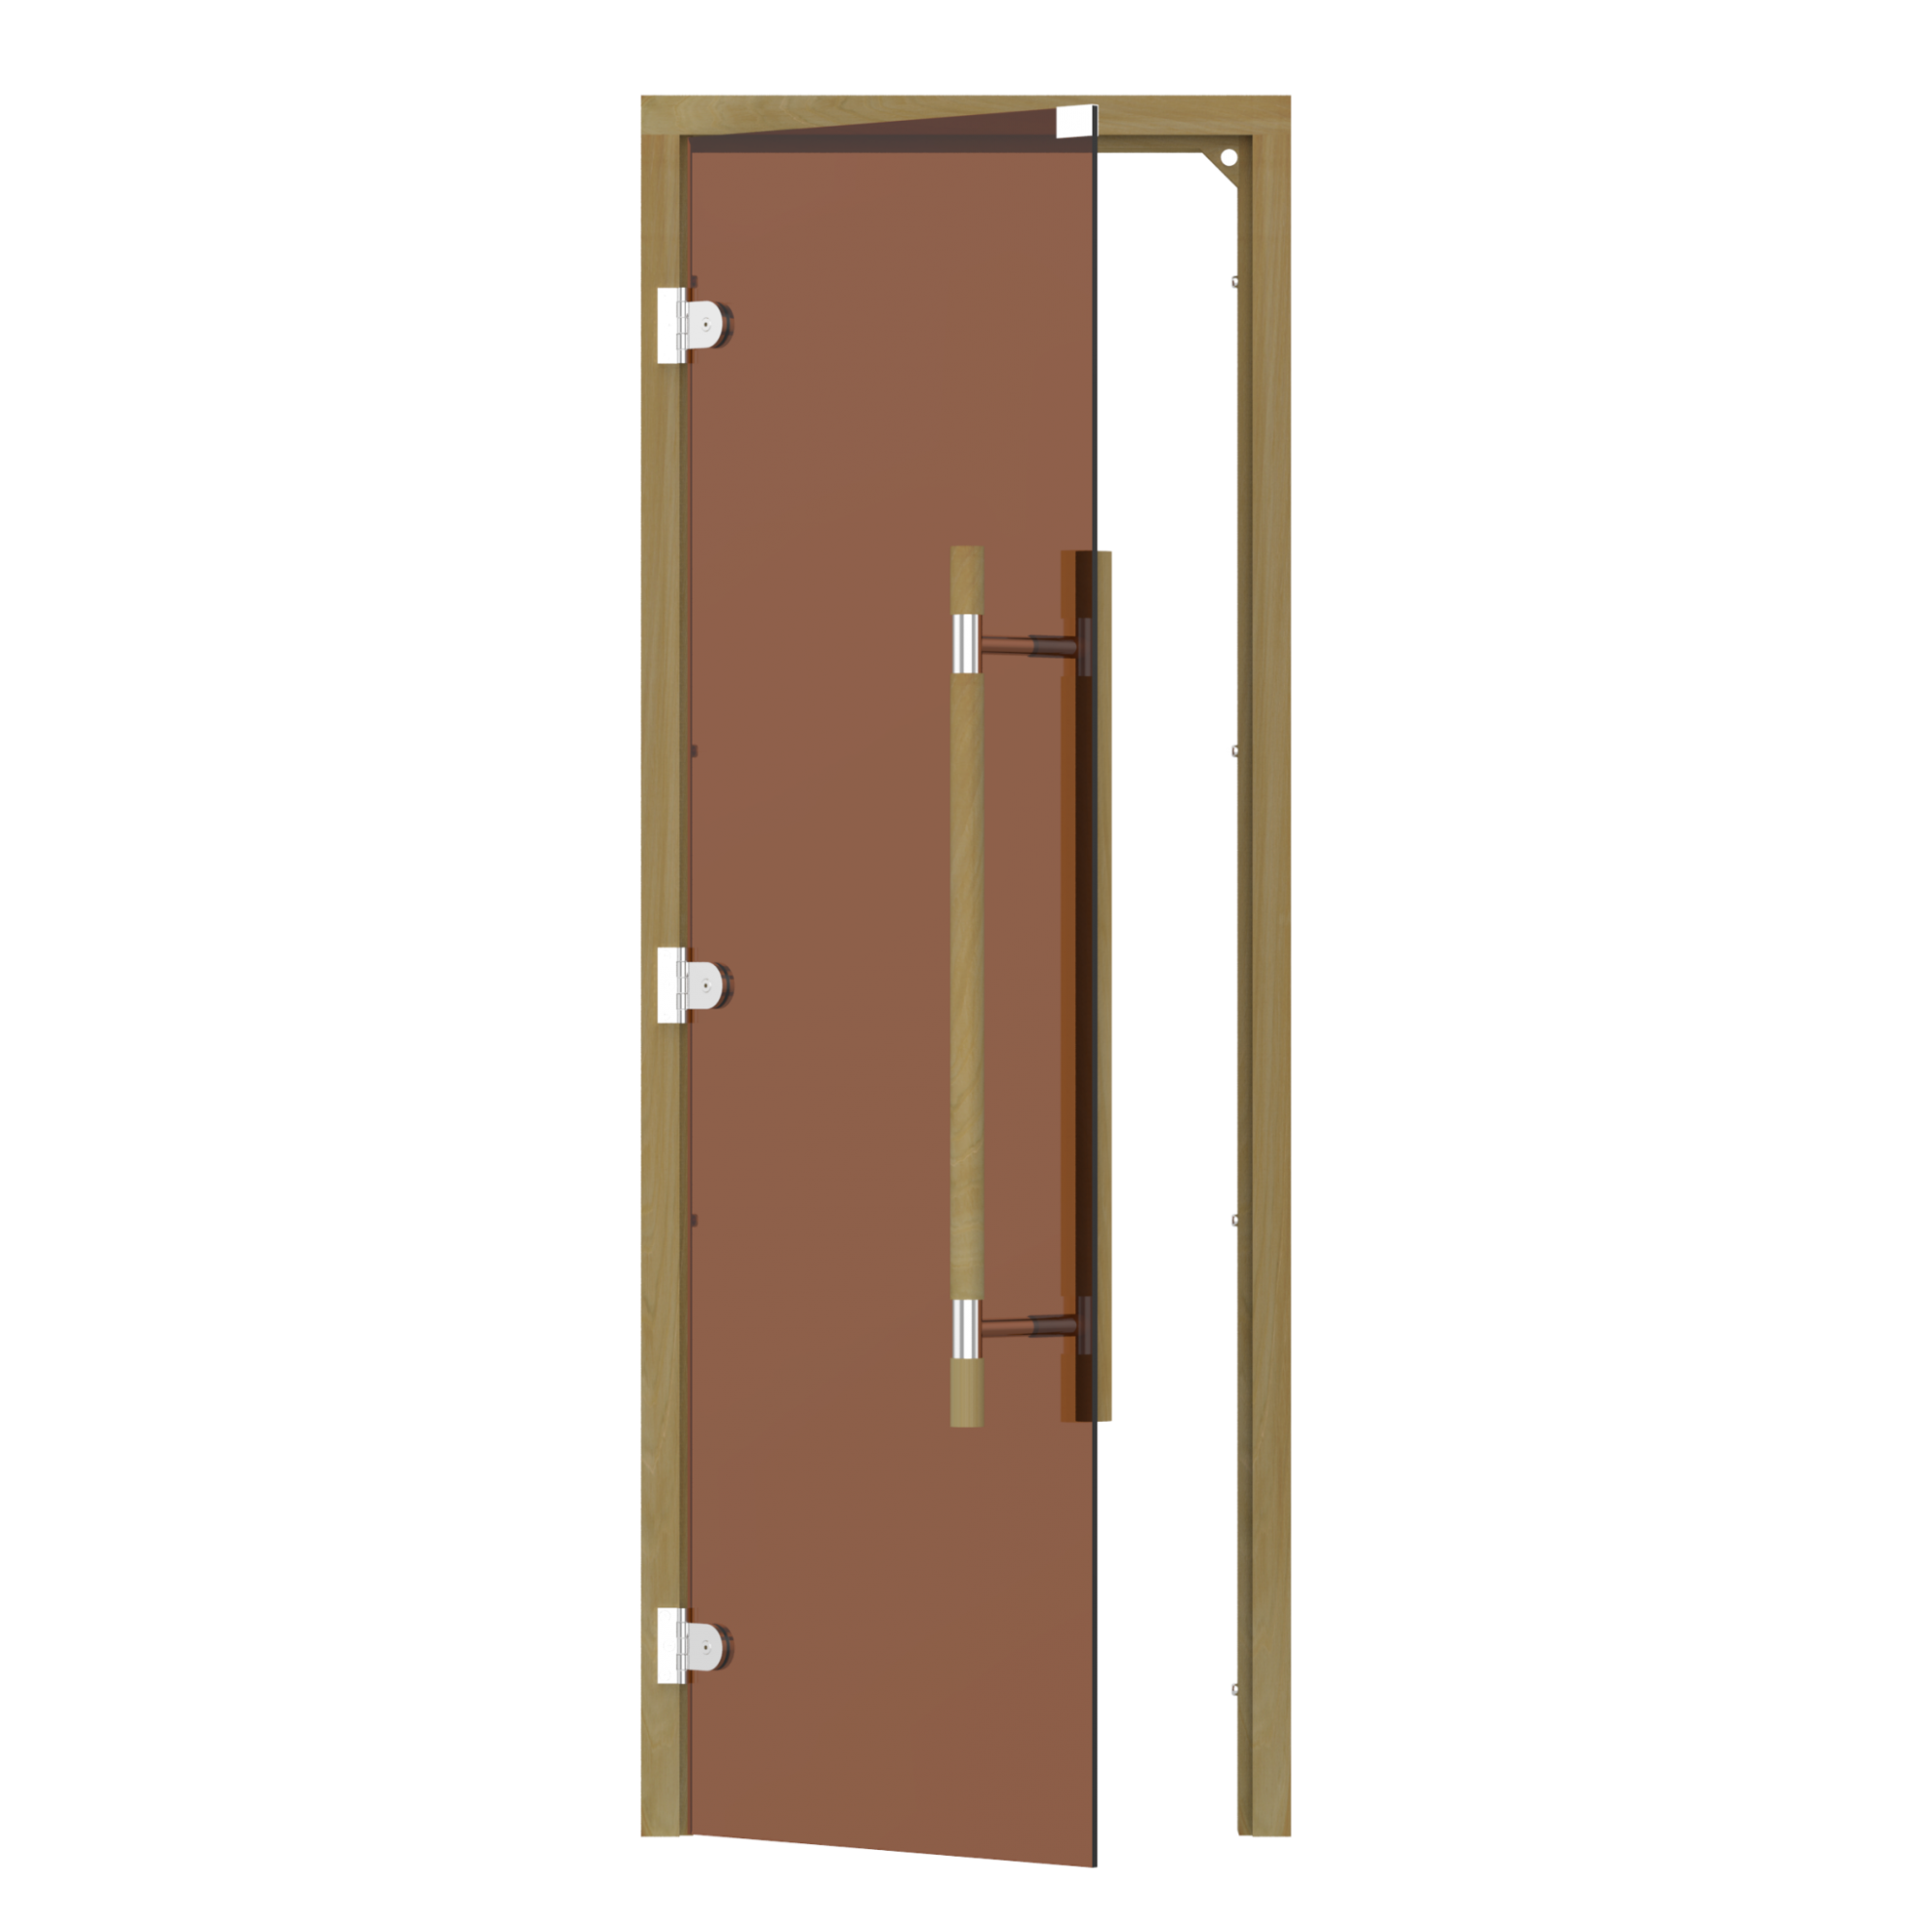 Двери: Дверь SAWO 741-3SGD-L-3 (7/19, бронза, левая, без порога, кедр, прямая ручка с металлической вставкой)